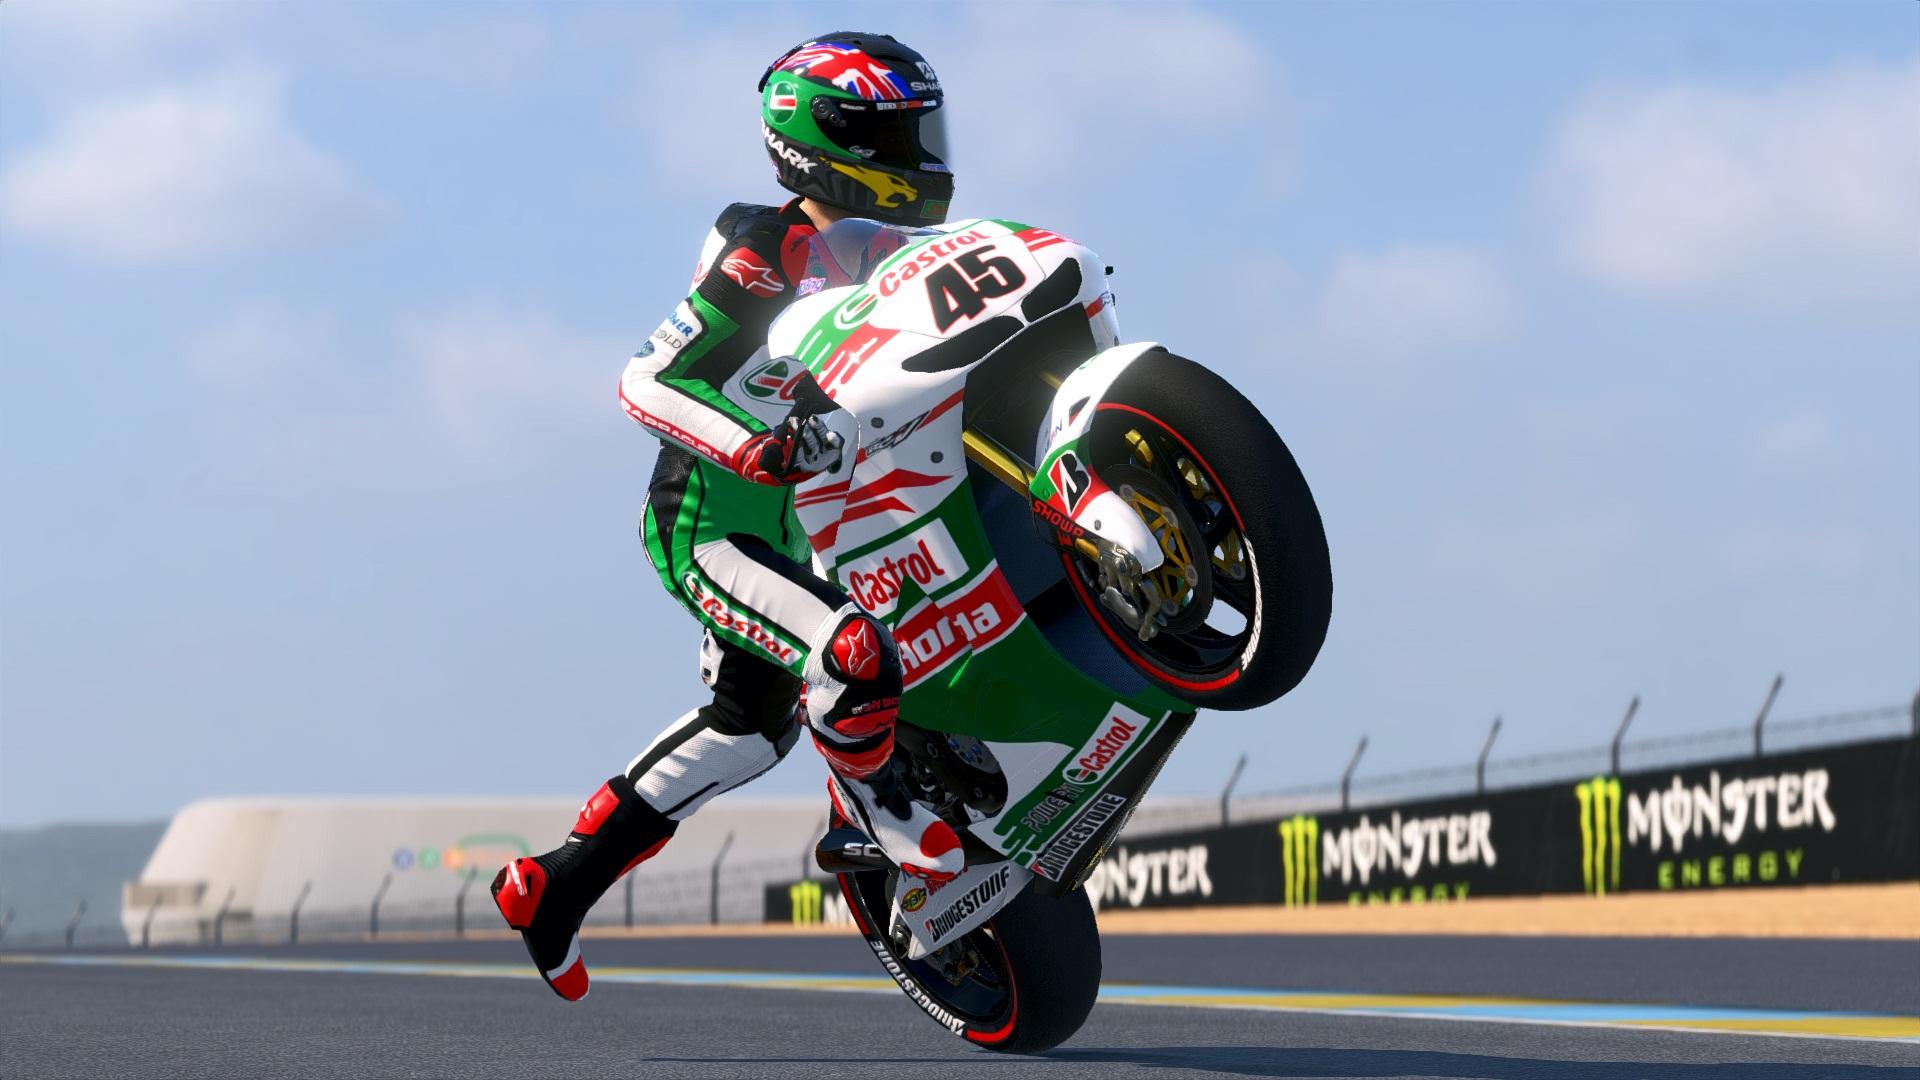 MotoGP14X64.exe_DX11_20140906_102145.jpg